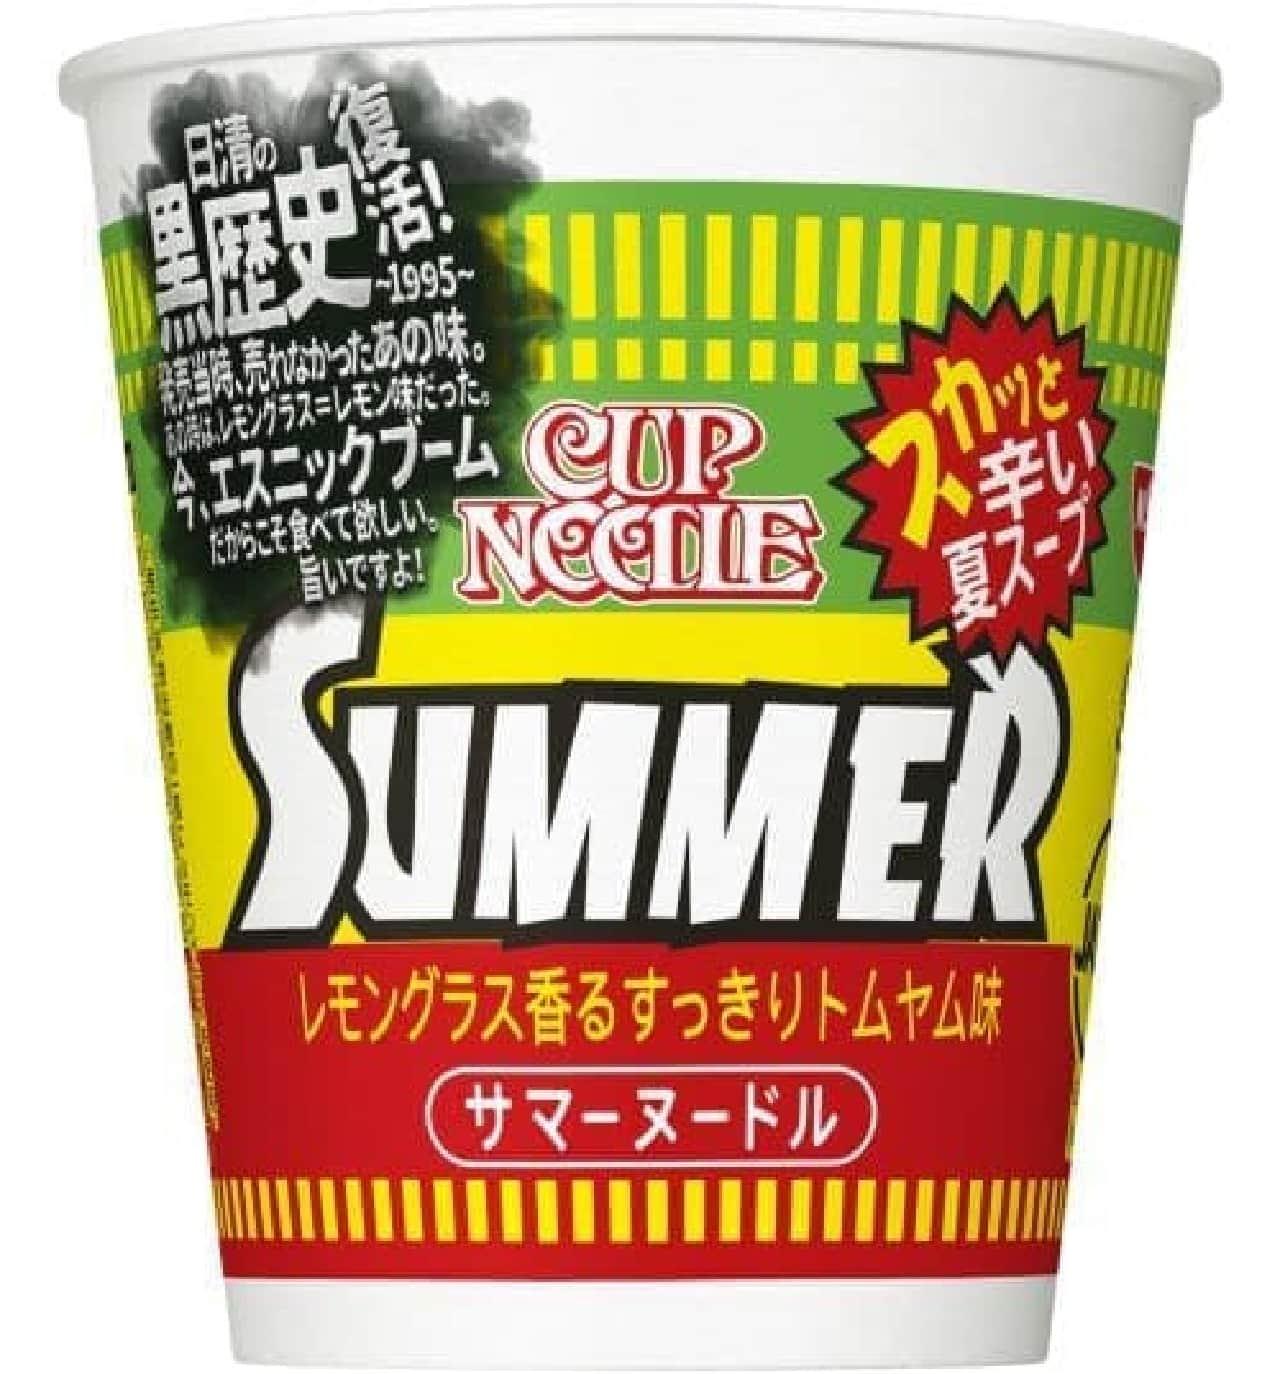 「カップヌードル サマーヌードル」は、トムヤムスープをベースにレモングラスをきかせたカップ麺